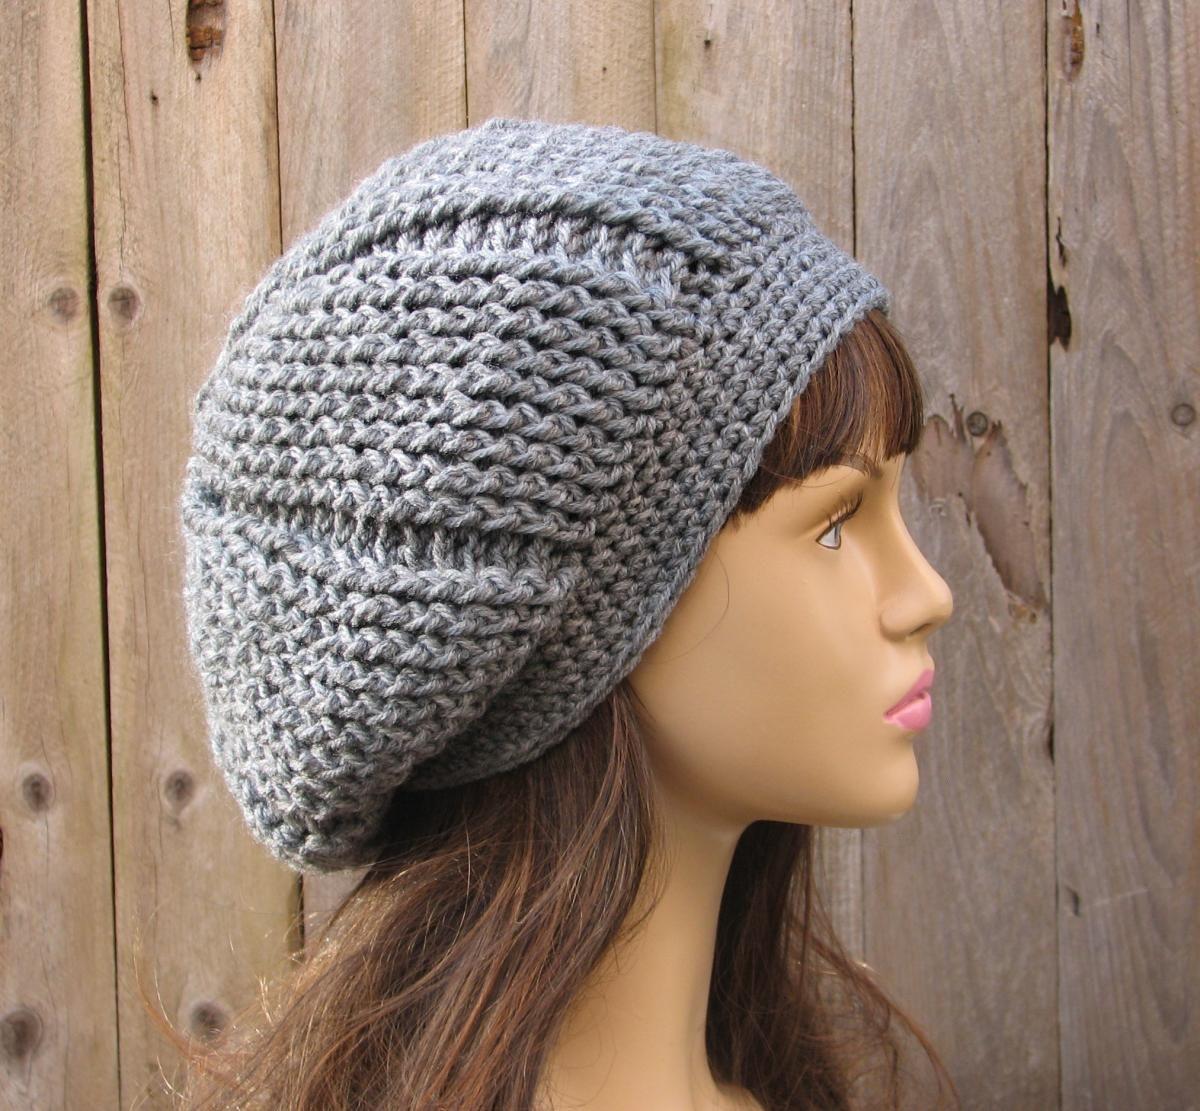 b6d4a6aead7 CROCHET PATTERN!!! Crochet Hat - Slouchy Reverseble Hat